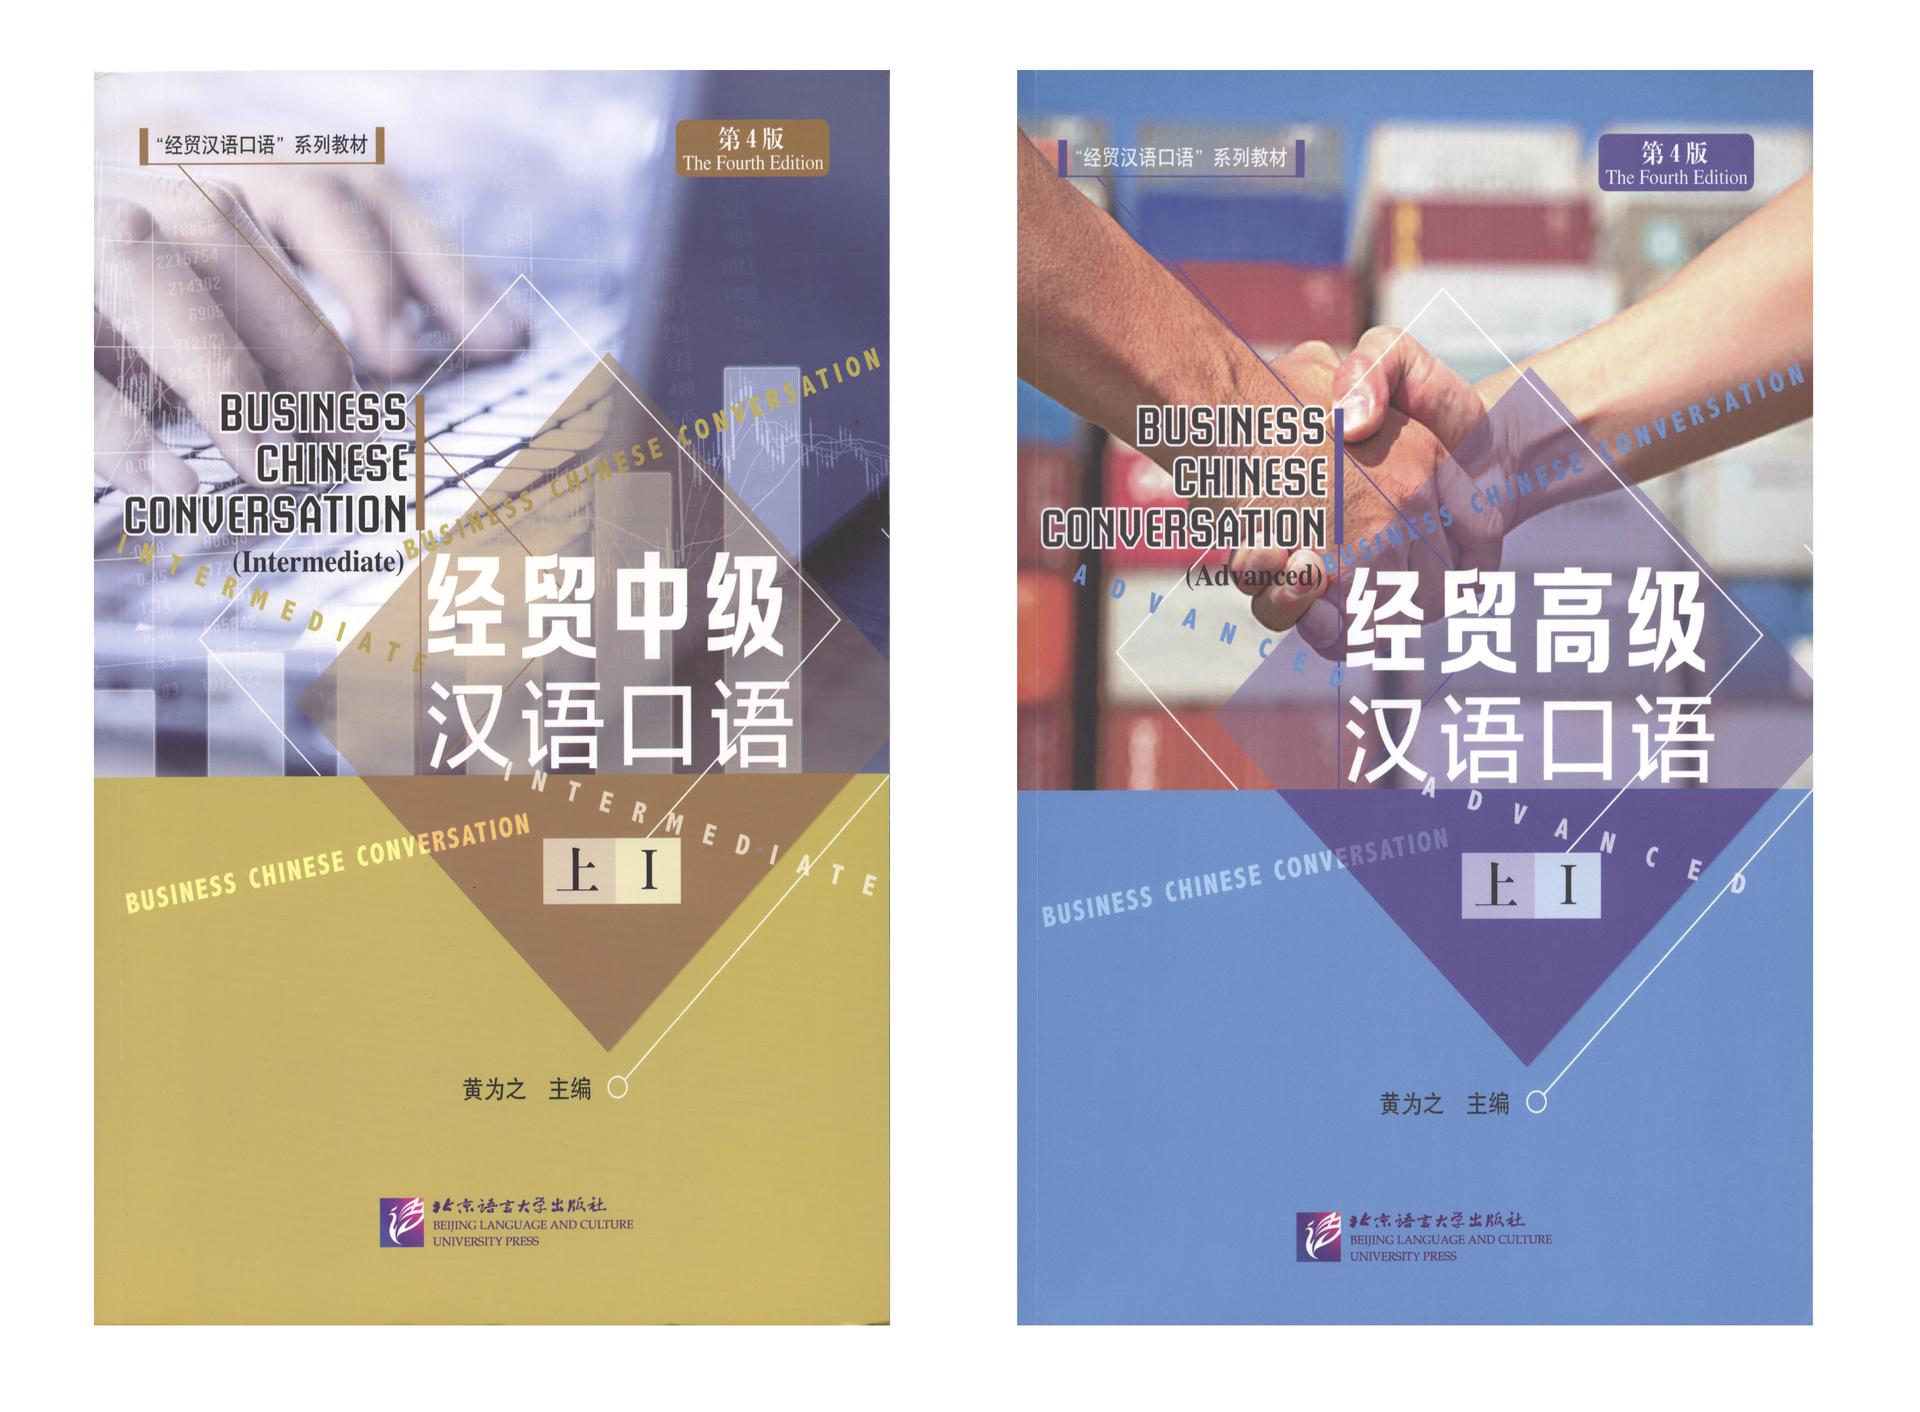 обучение китайскому языку, китайский для делового общения, китайский в Мытищах